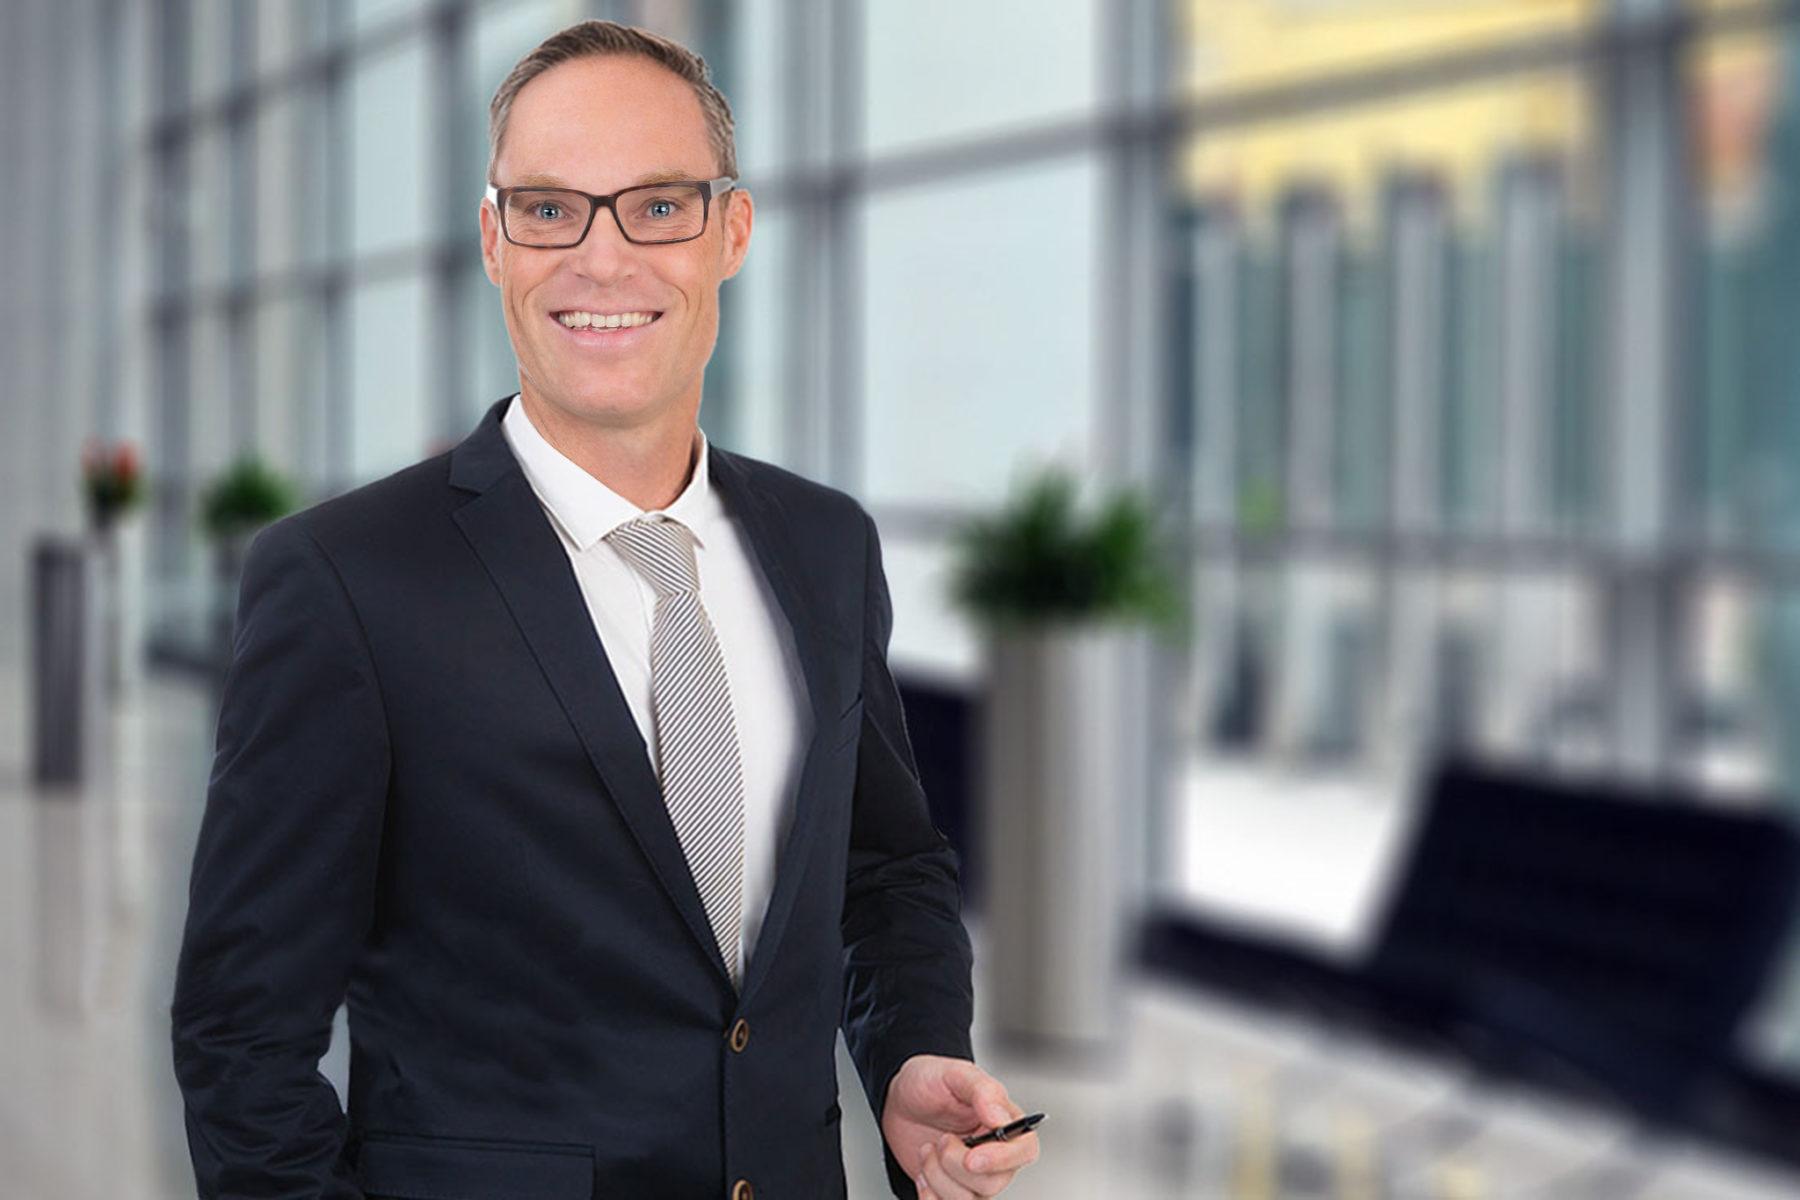 Professionelle-WEB-Businessfoto-fotostudio-luzern-Bilifotos.ch_002-1-e1591381822553